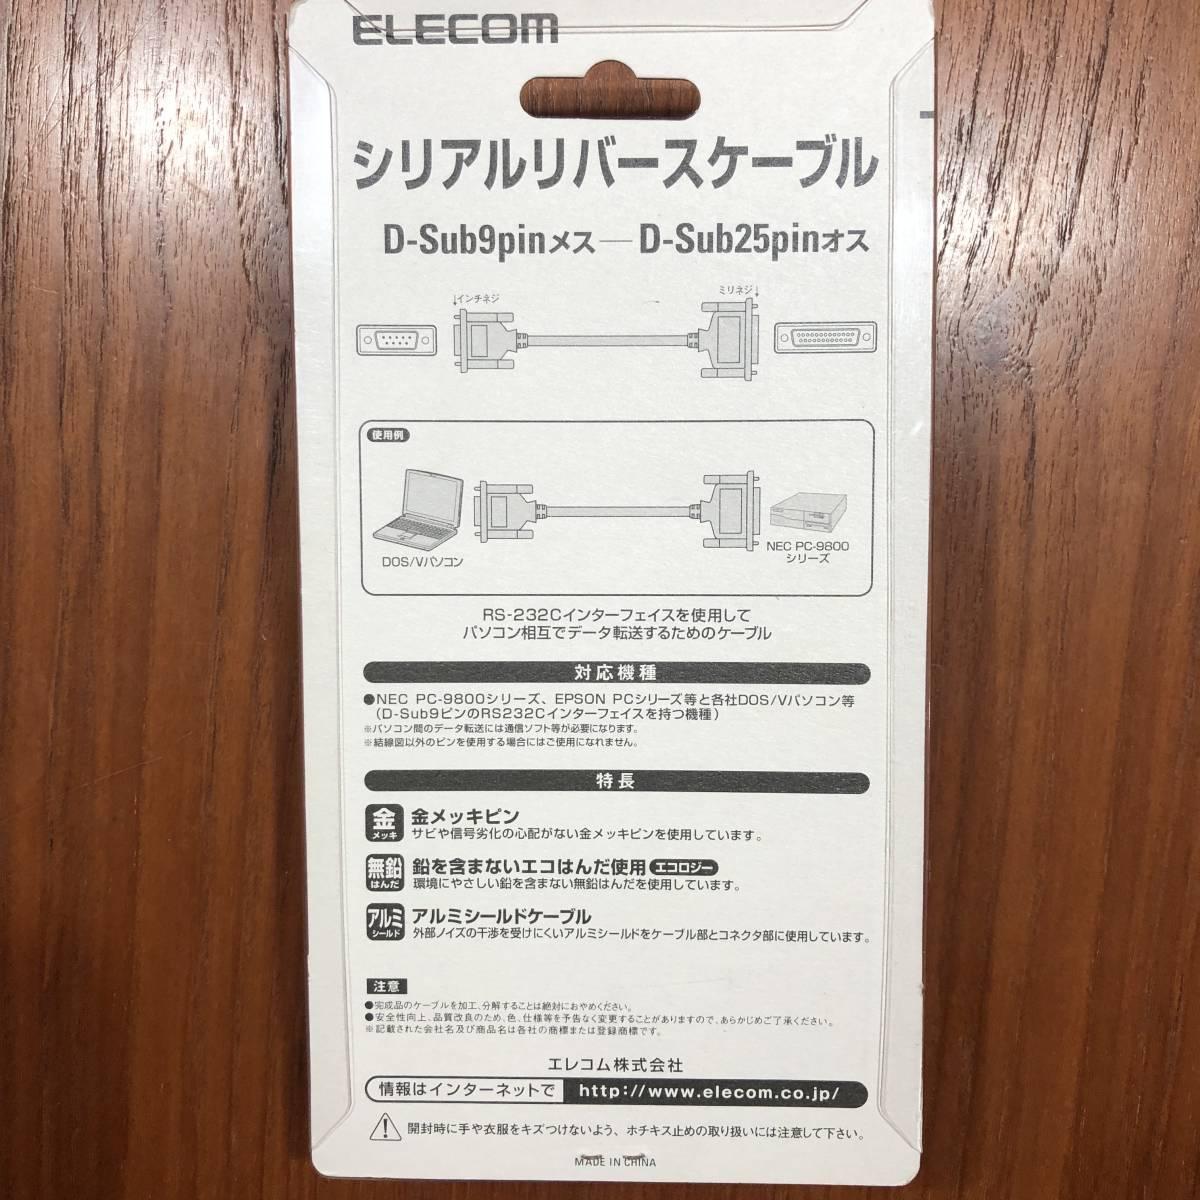 送料無料 匿名配送 RS-232C ケーブル ELECOM C232R-D15 1.5m エレコム